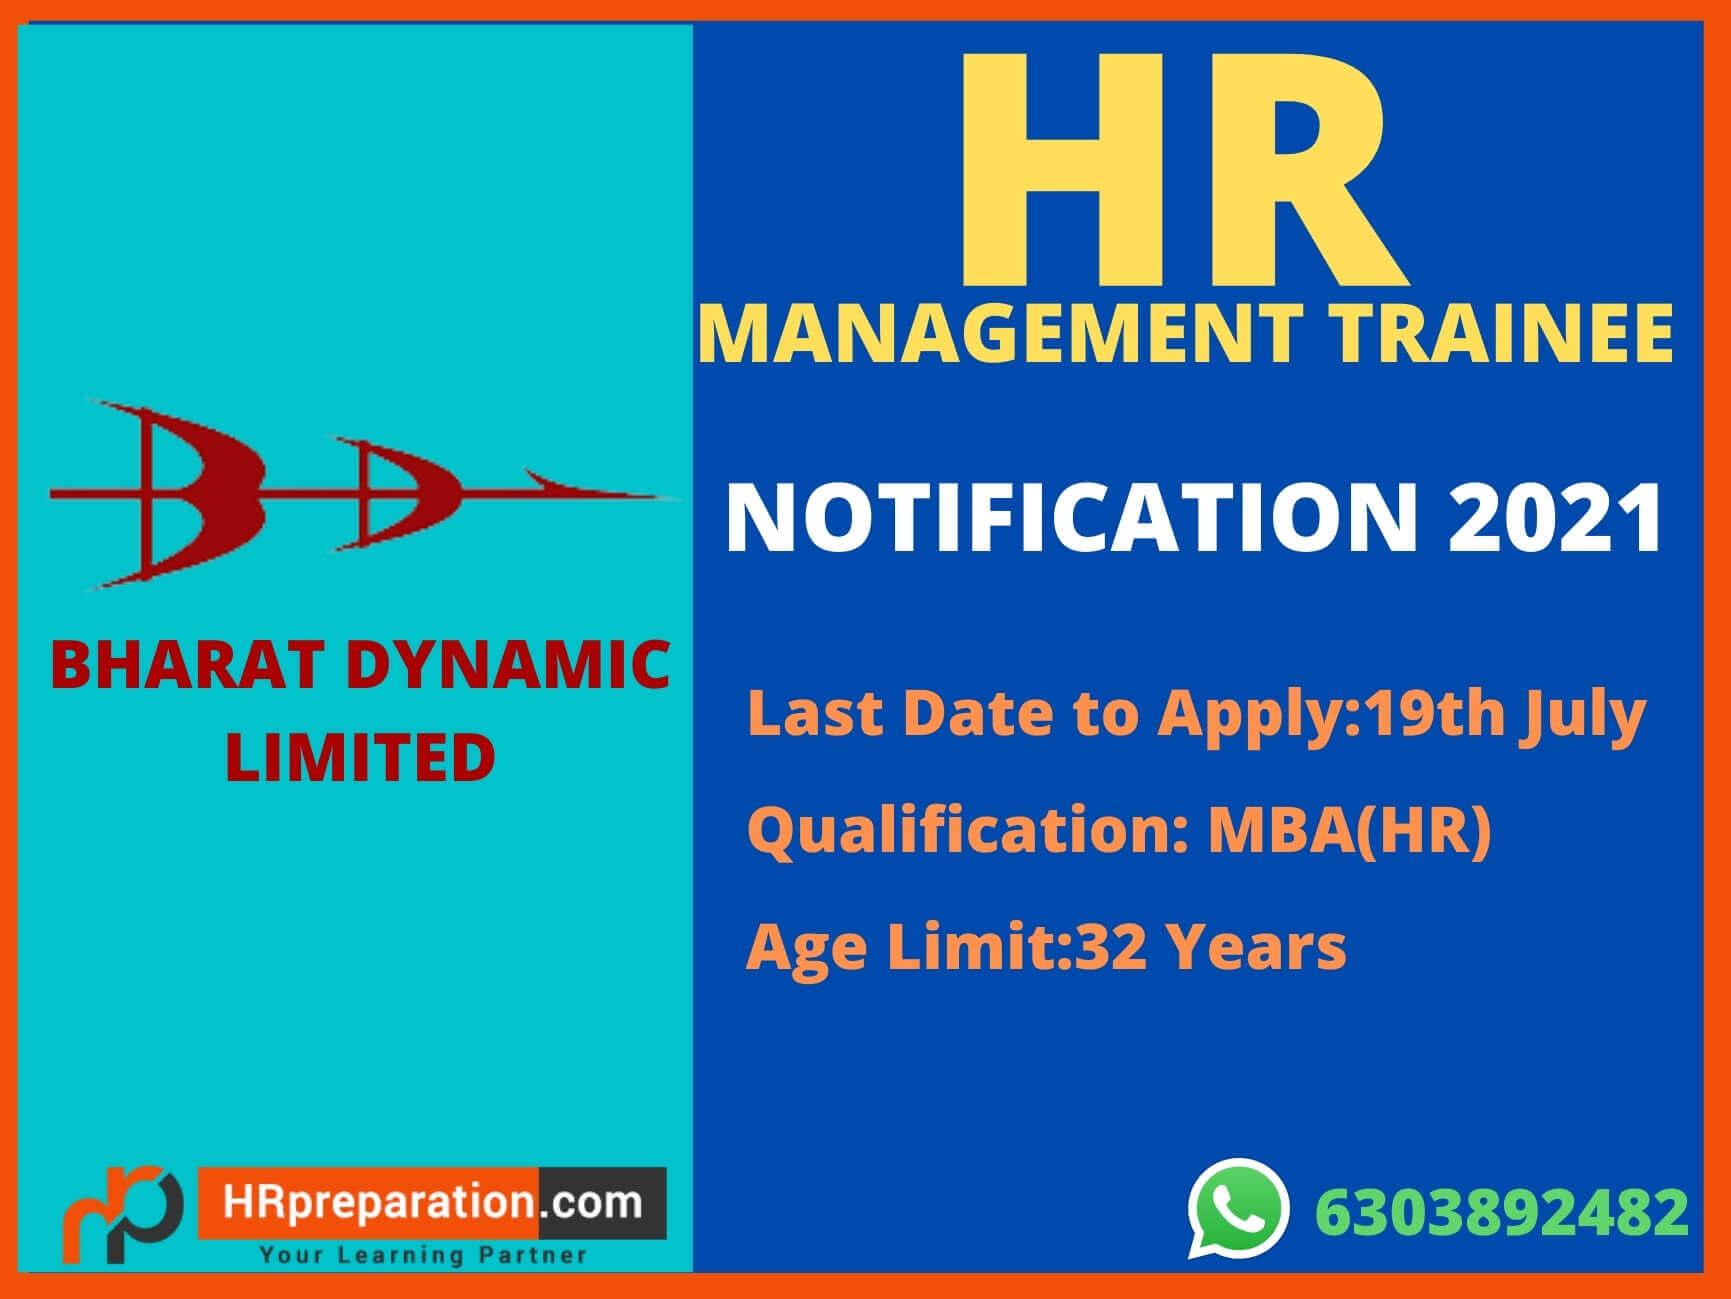 bdl manangement trainee hr notification 2021,bdl hr mt recruitment notification2021